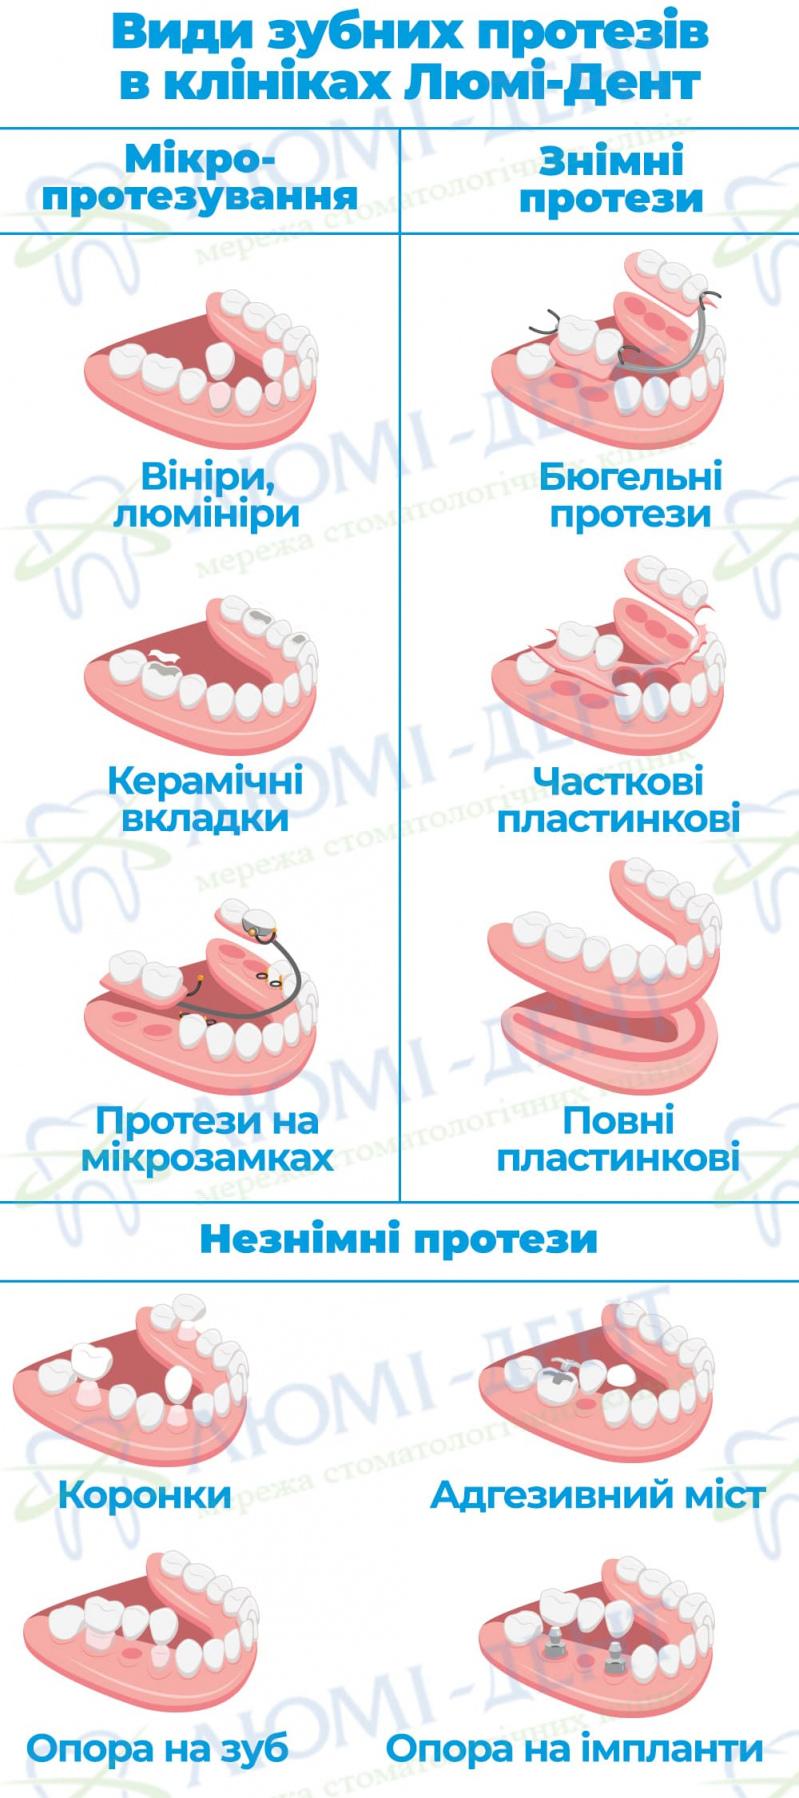 Коронки на зуби види фото Люмі-Дент